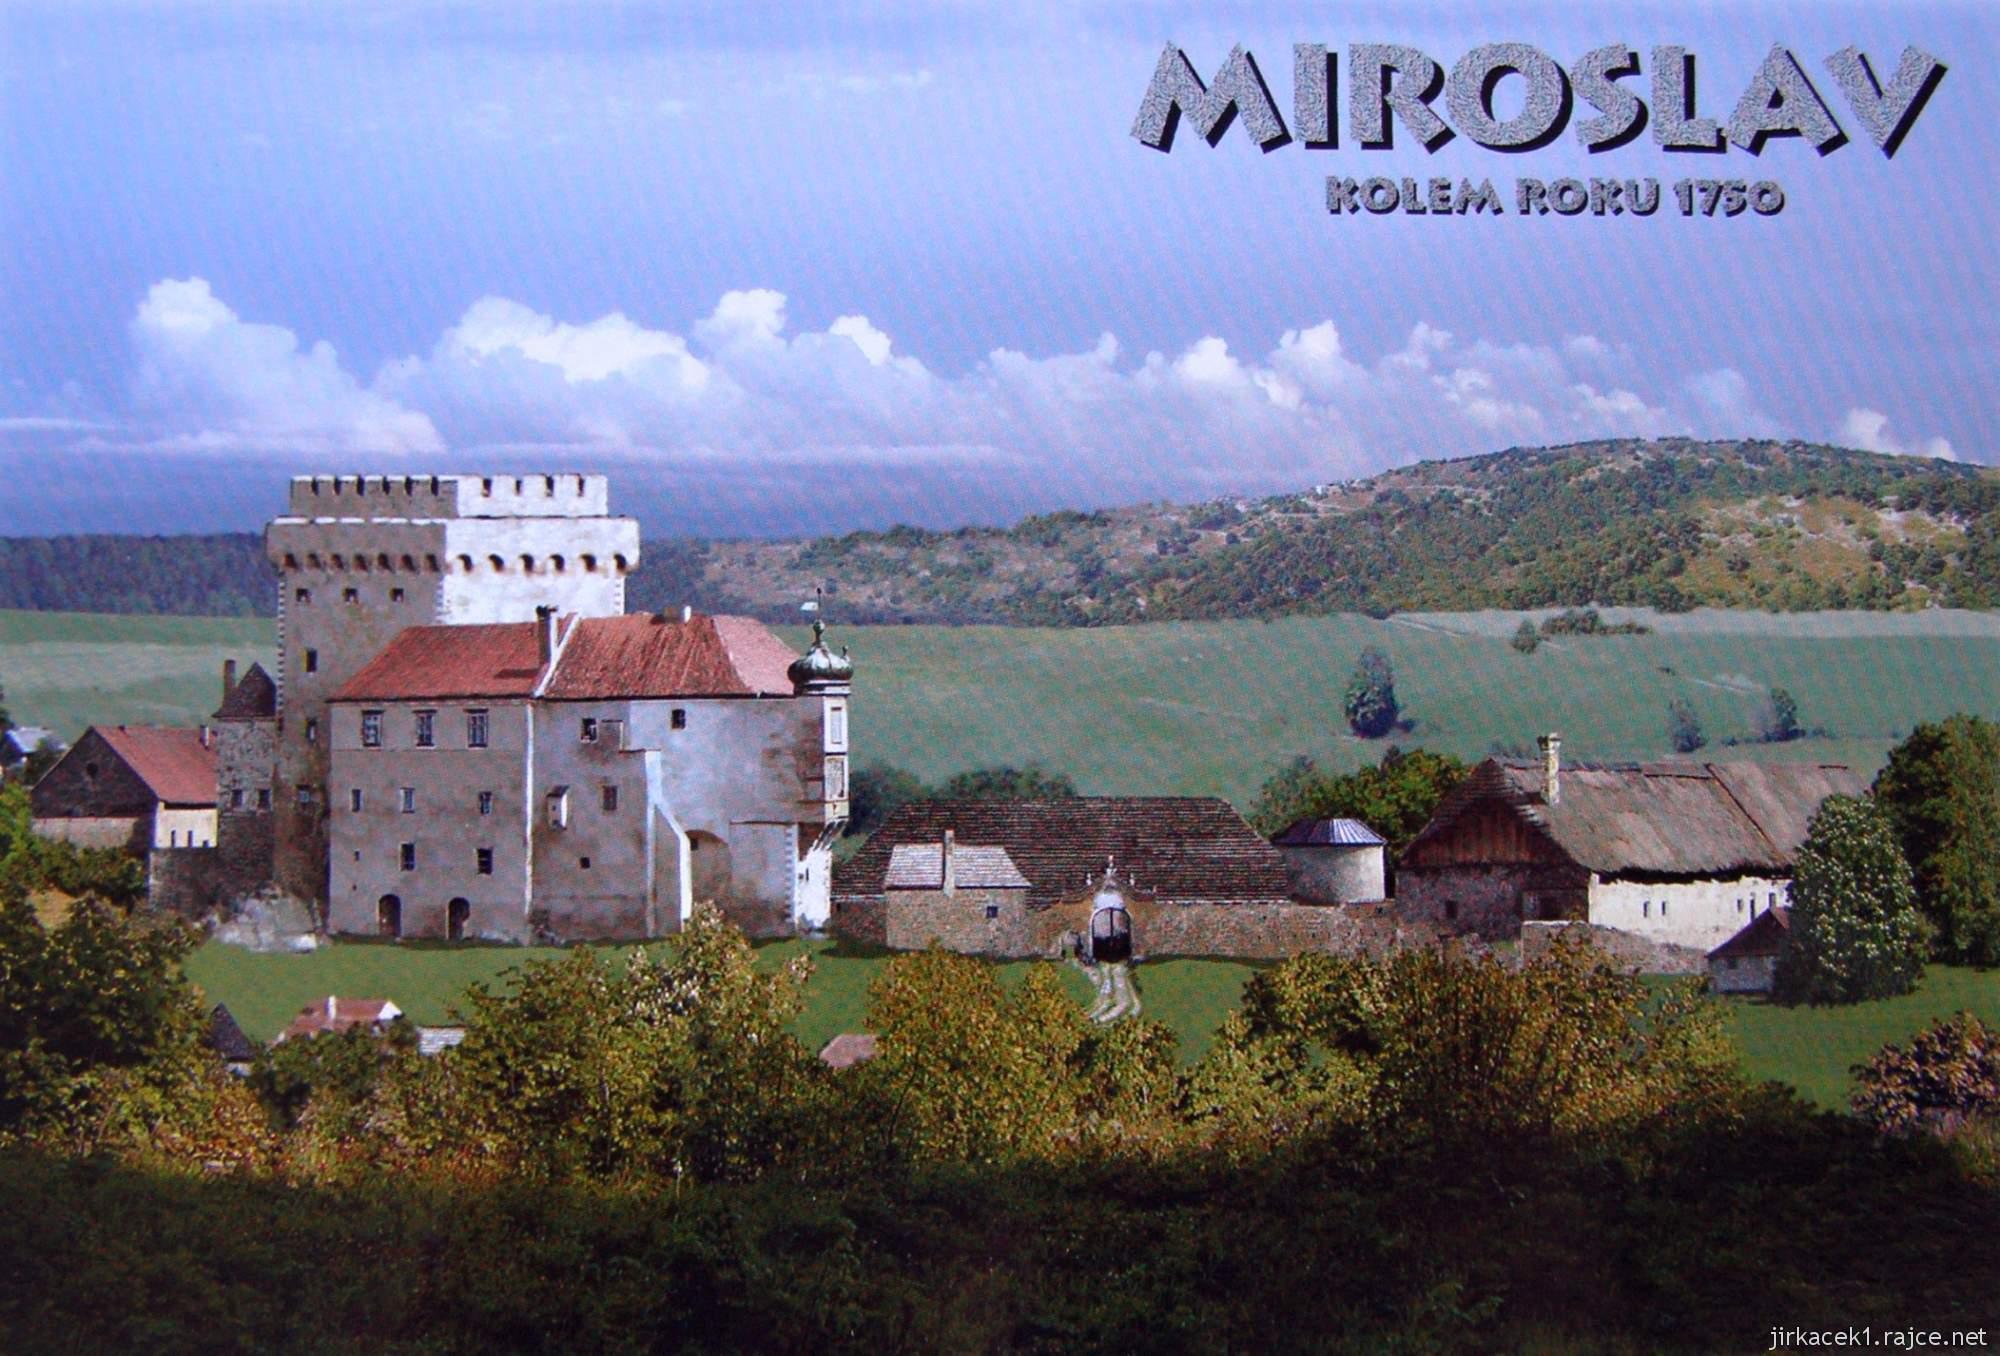 Podoba zámku Miroslav v roce 1750